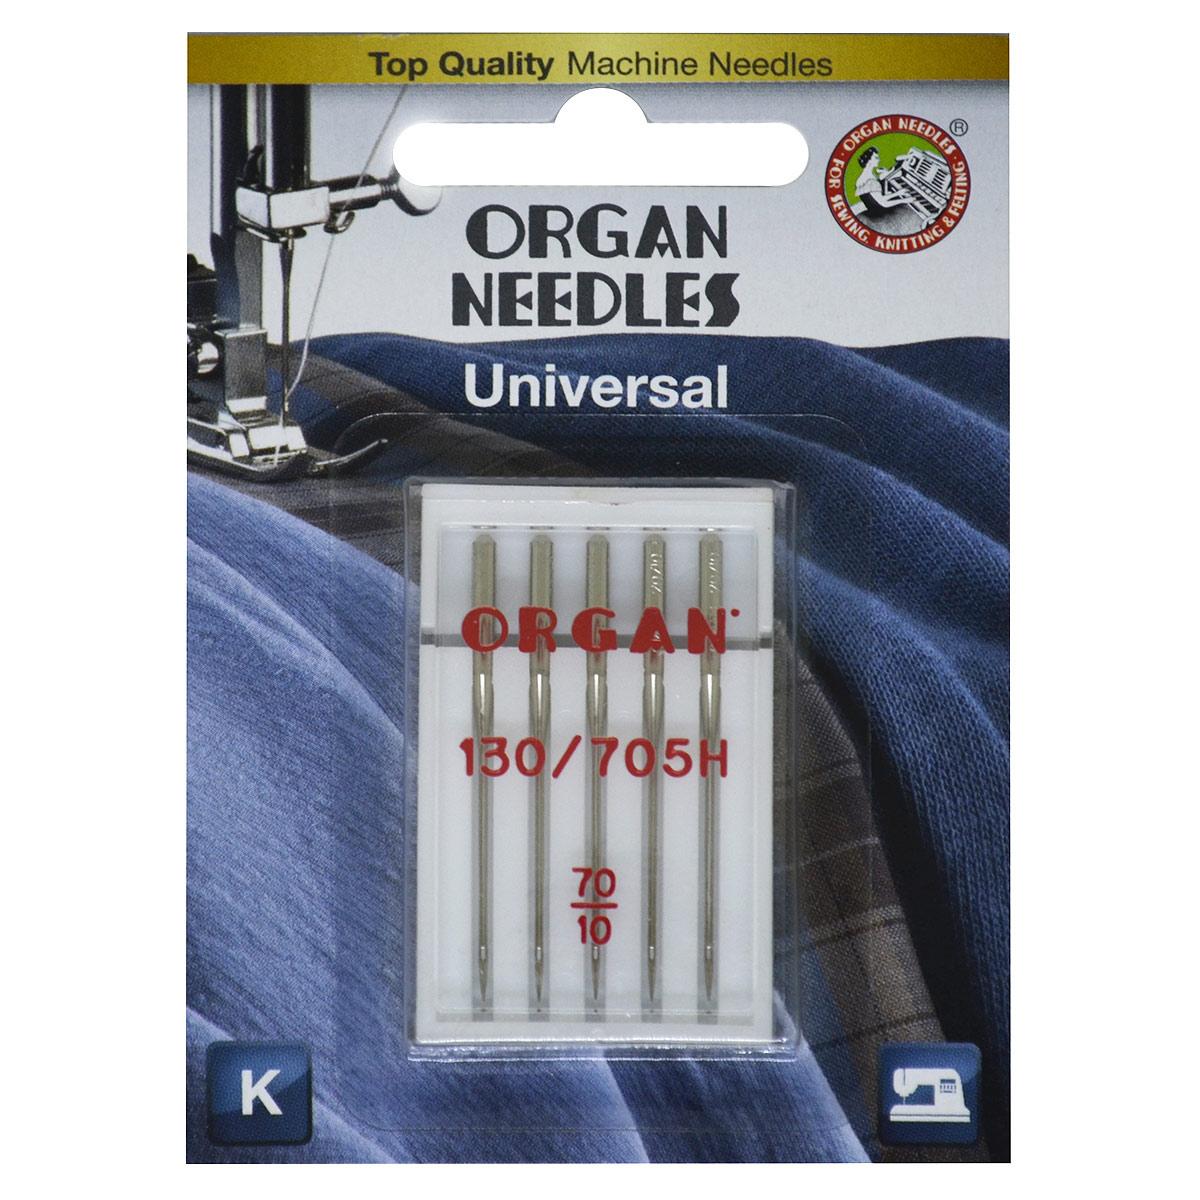 ORGAN иглы универсальные 5/70 Blister